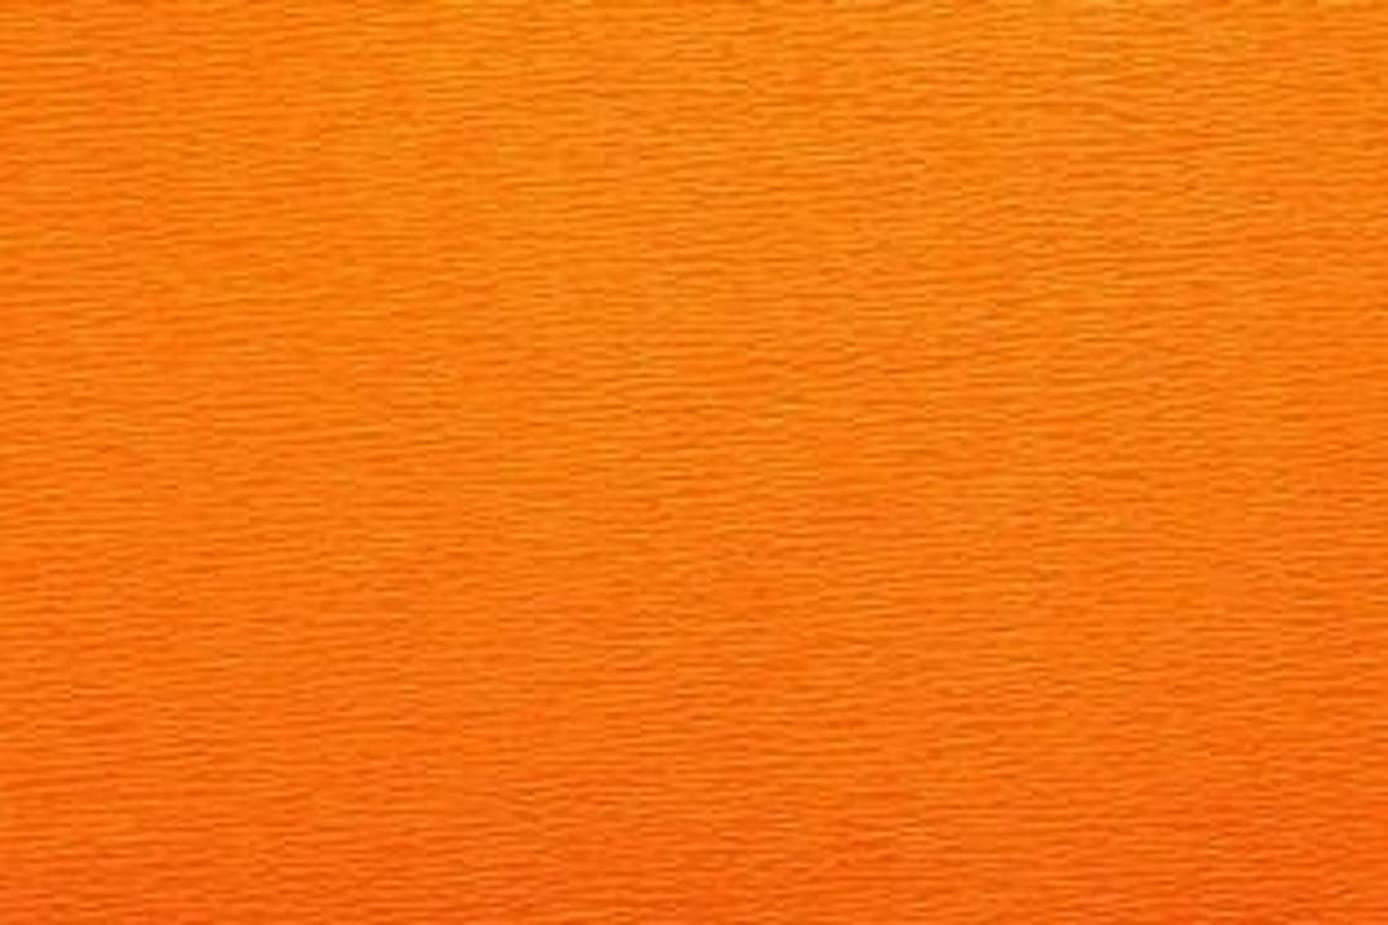 Crepe Paper Roll, Premium Italian Extra Fine 60 g, 13.3 sqft, Dark Orange